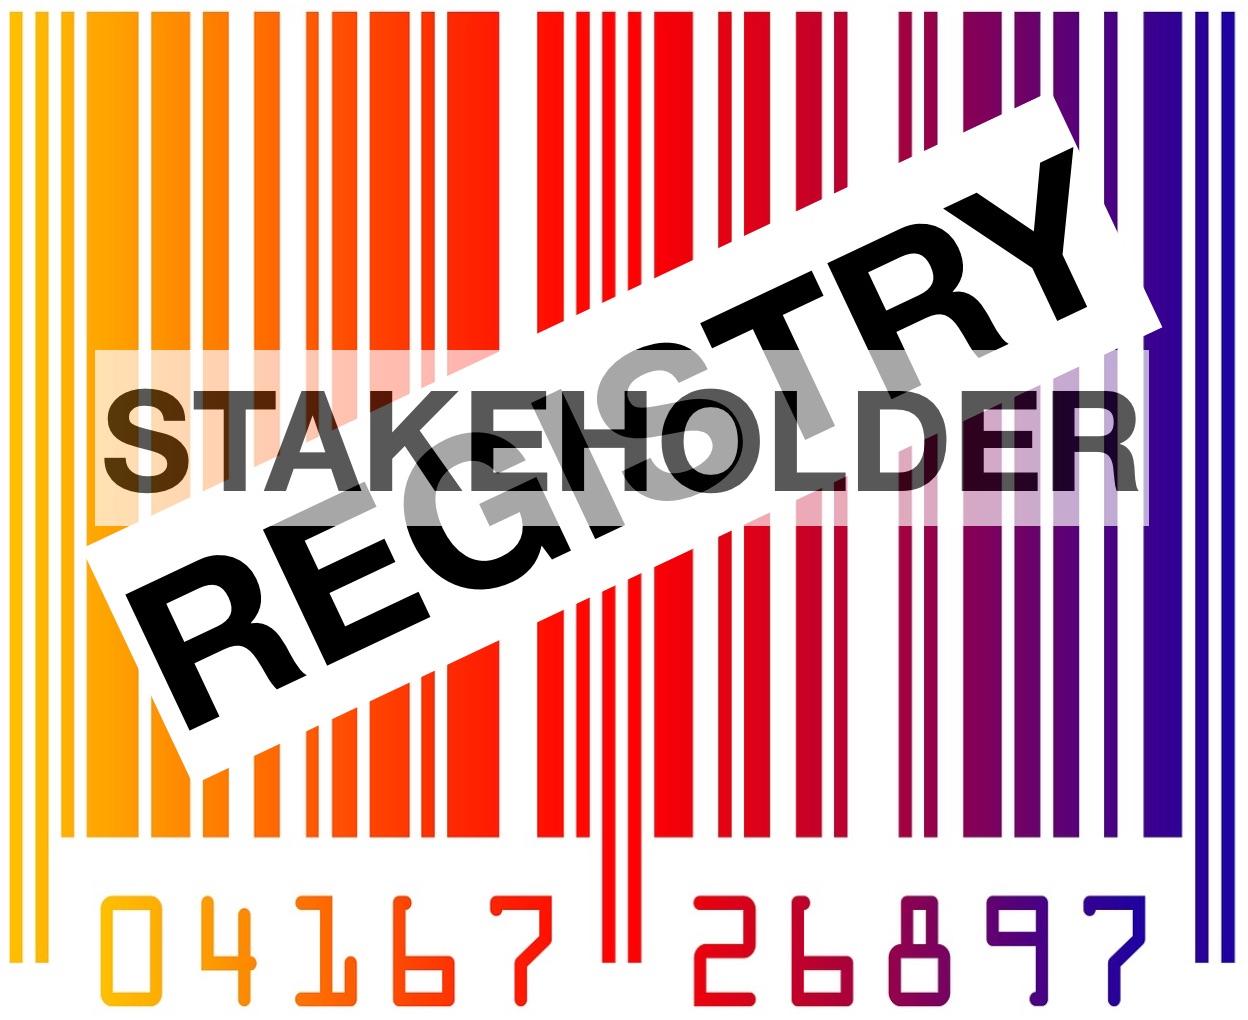 Stakeholder Registry.jpg